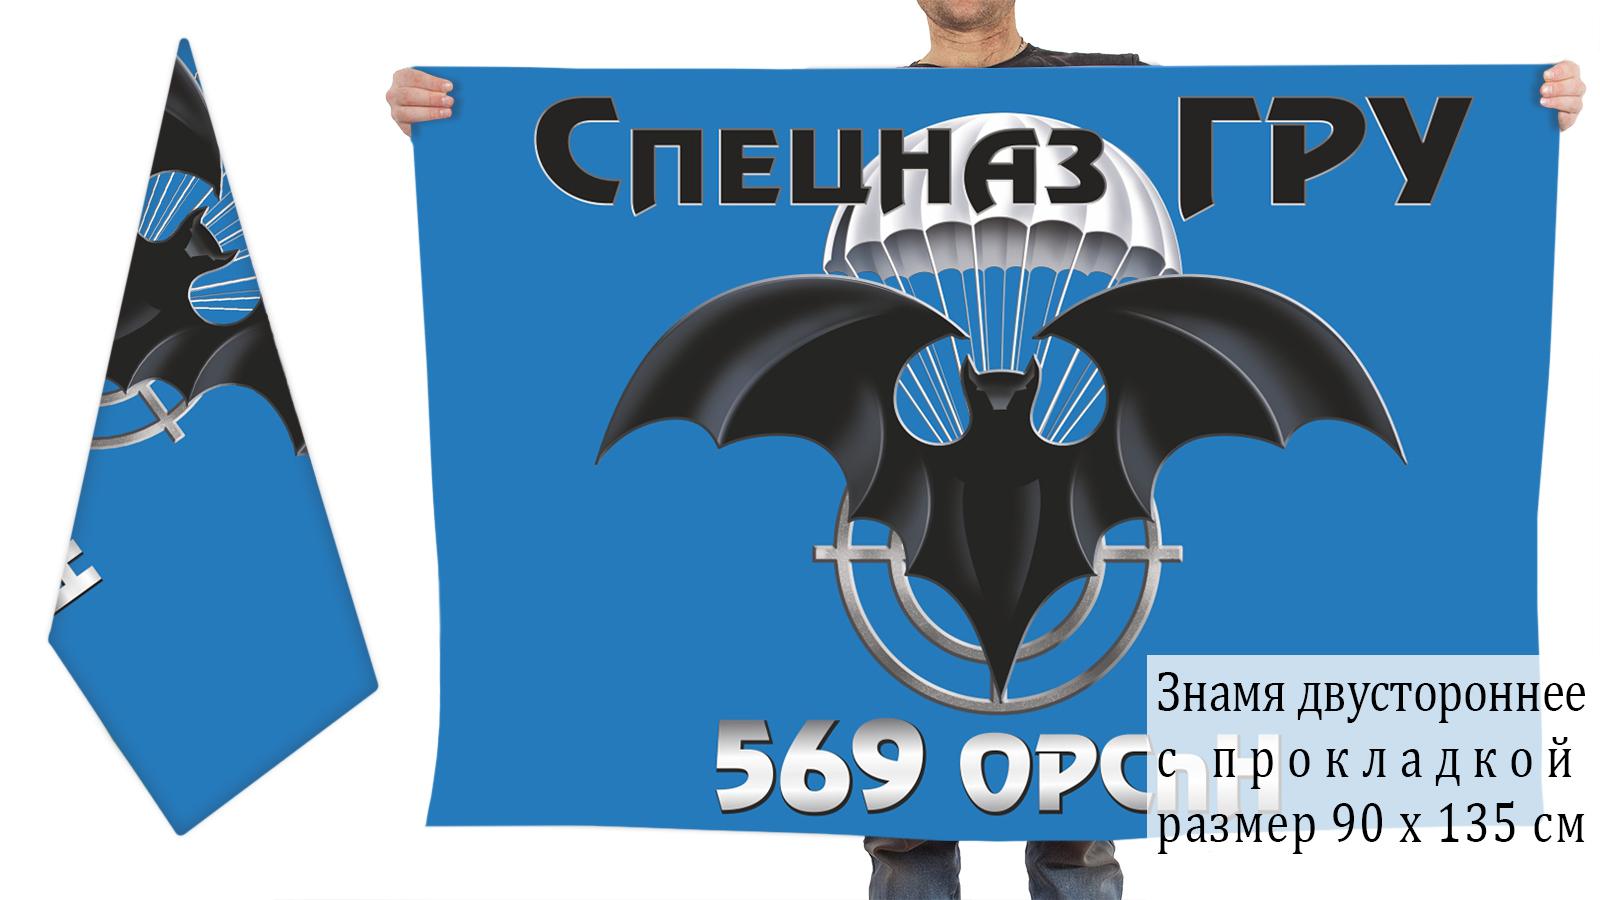 Двусторонний флаг 569 отдельной роты спецназа